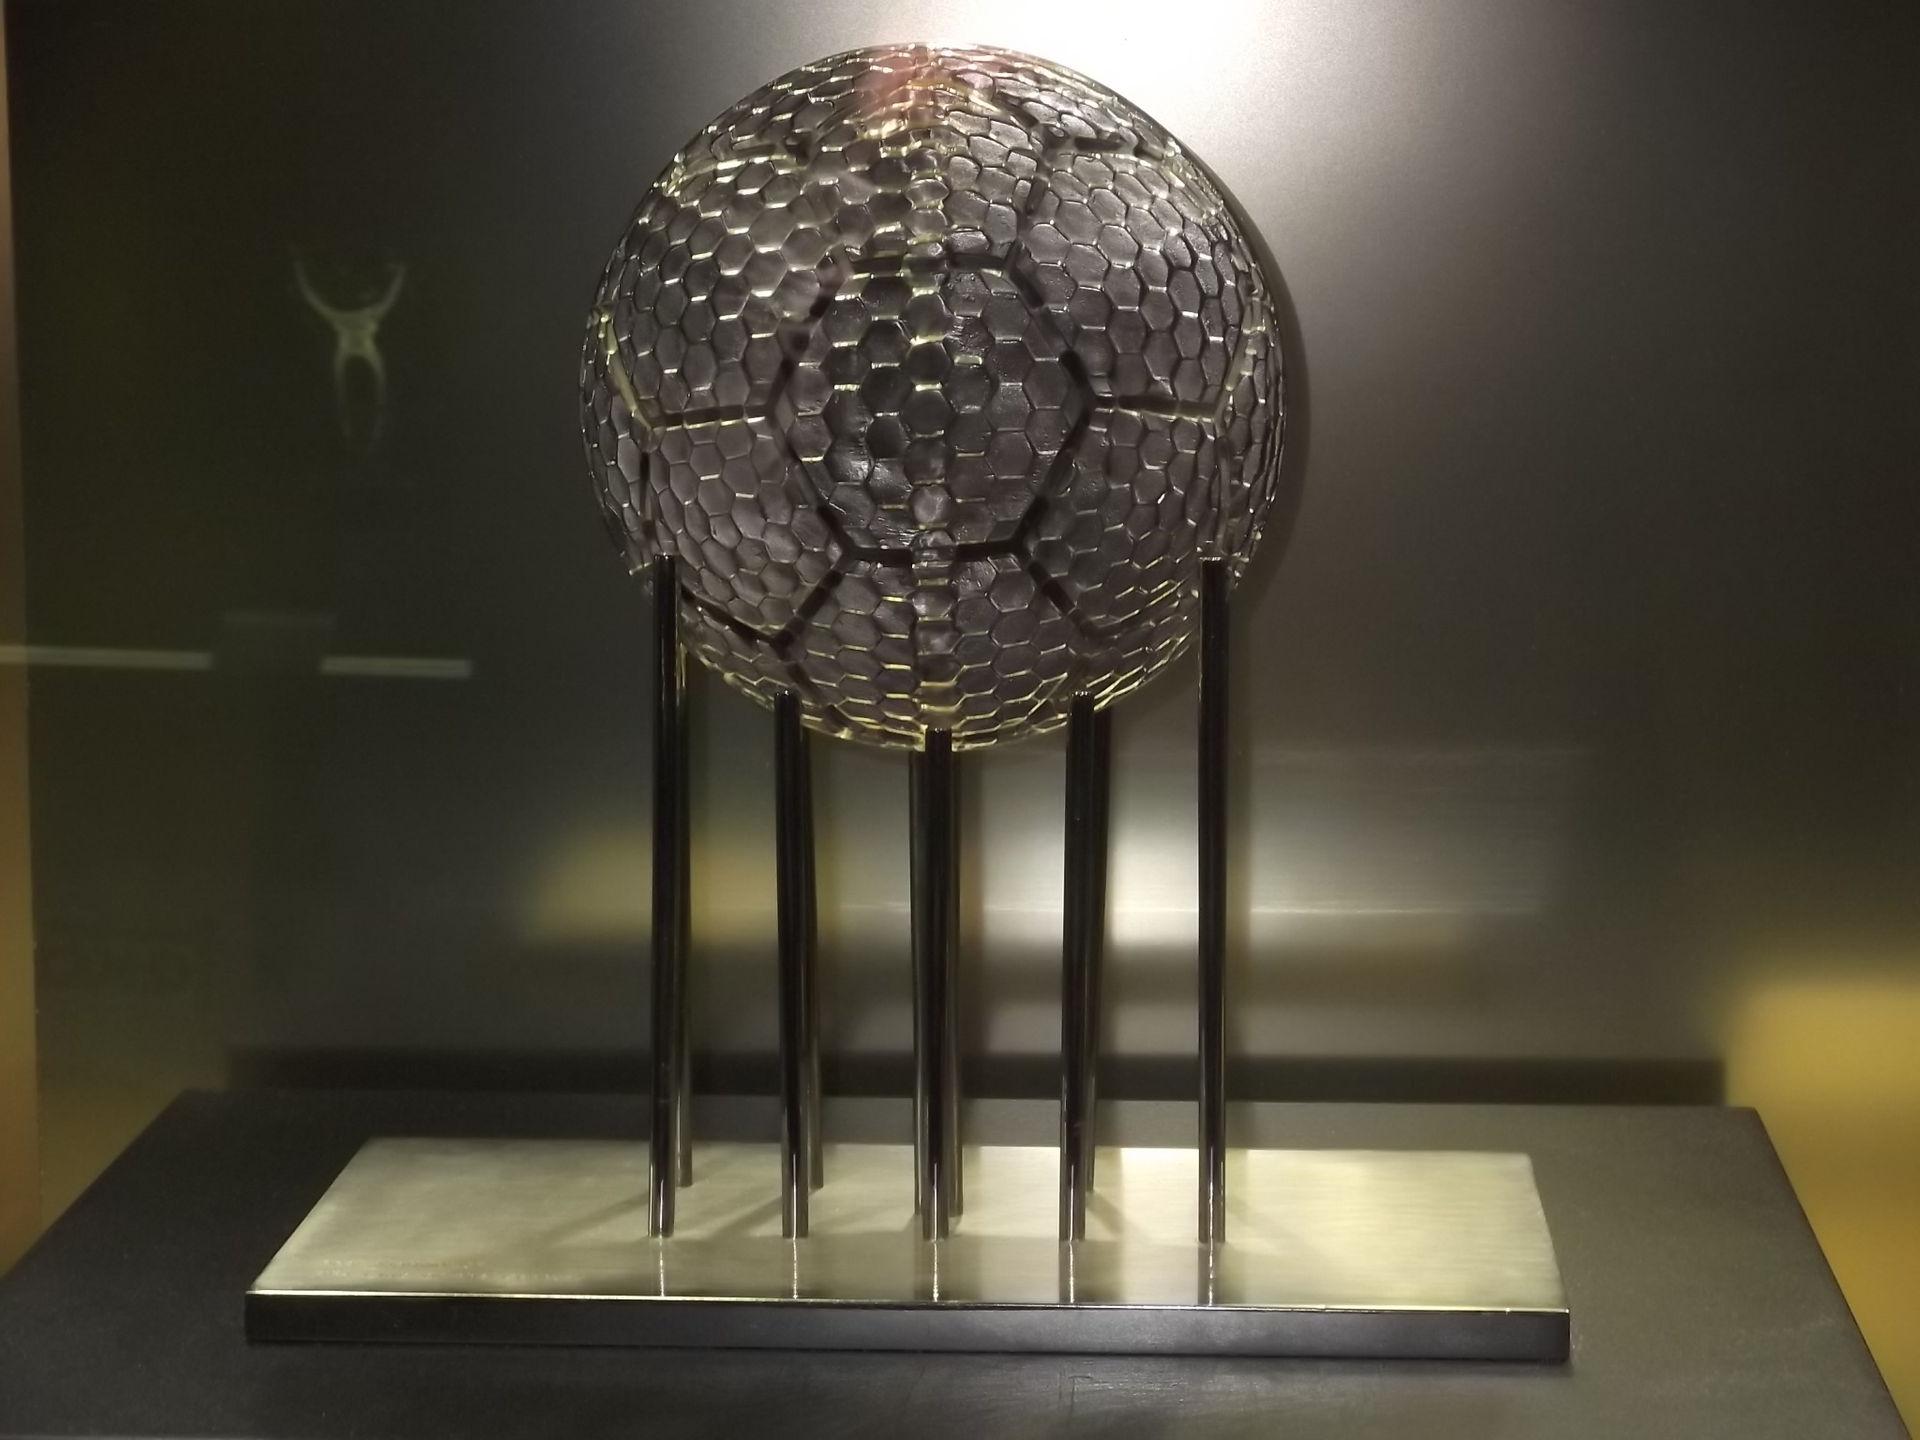 Tiểu sử và thành tích thi đấu câu lạc bộ Real Madrid CF hình ảnh gốc 3